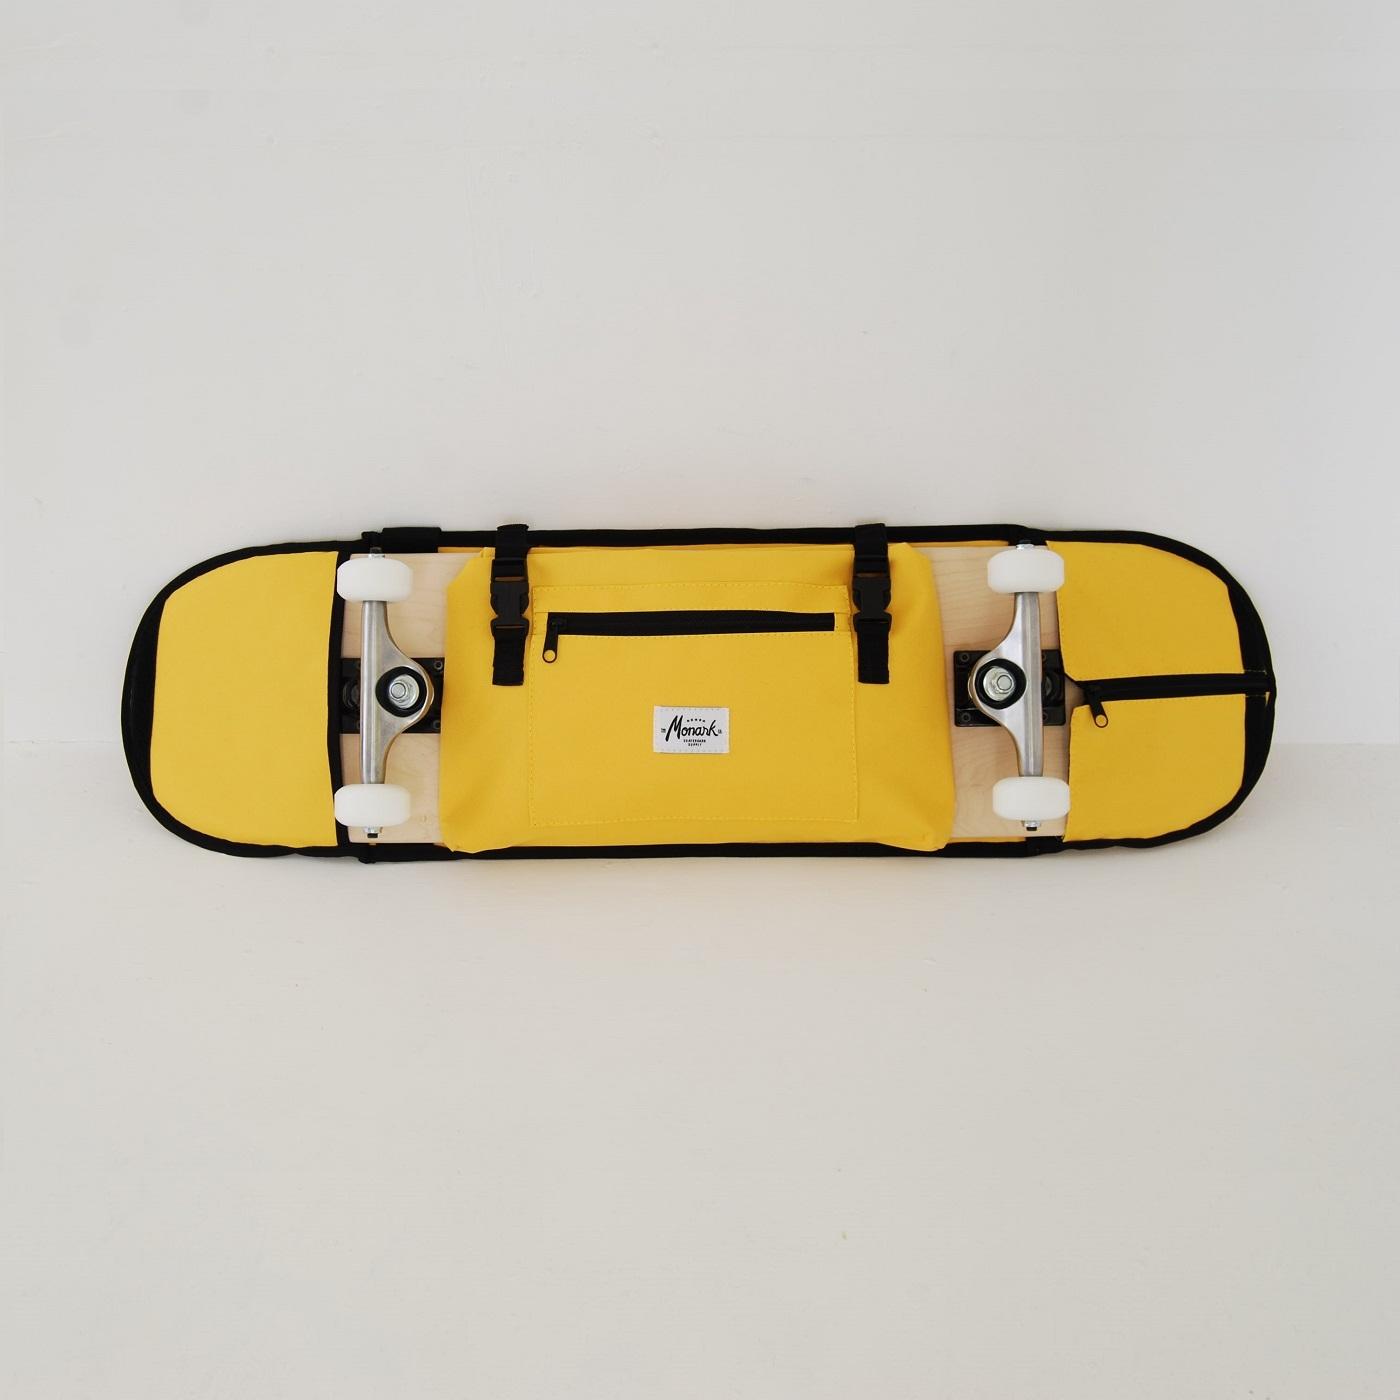 la meilleure fa on de transporter votre planche de skate sur un v lo ou d 39 une moto. Black Bedroom Furniture Sets. Home Design Ideas